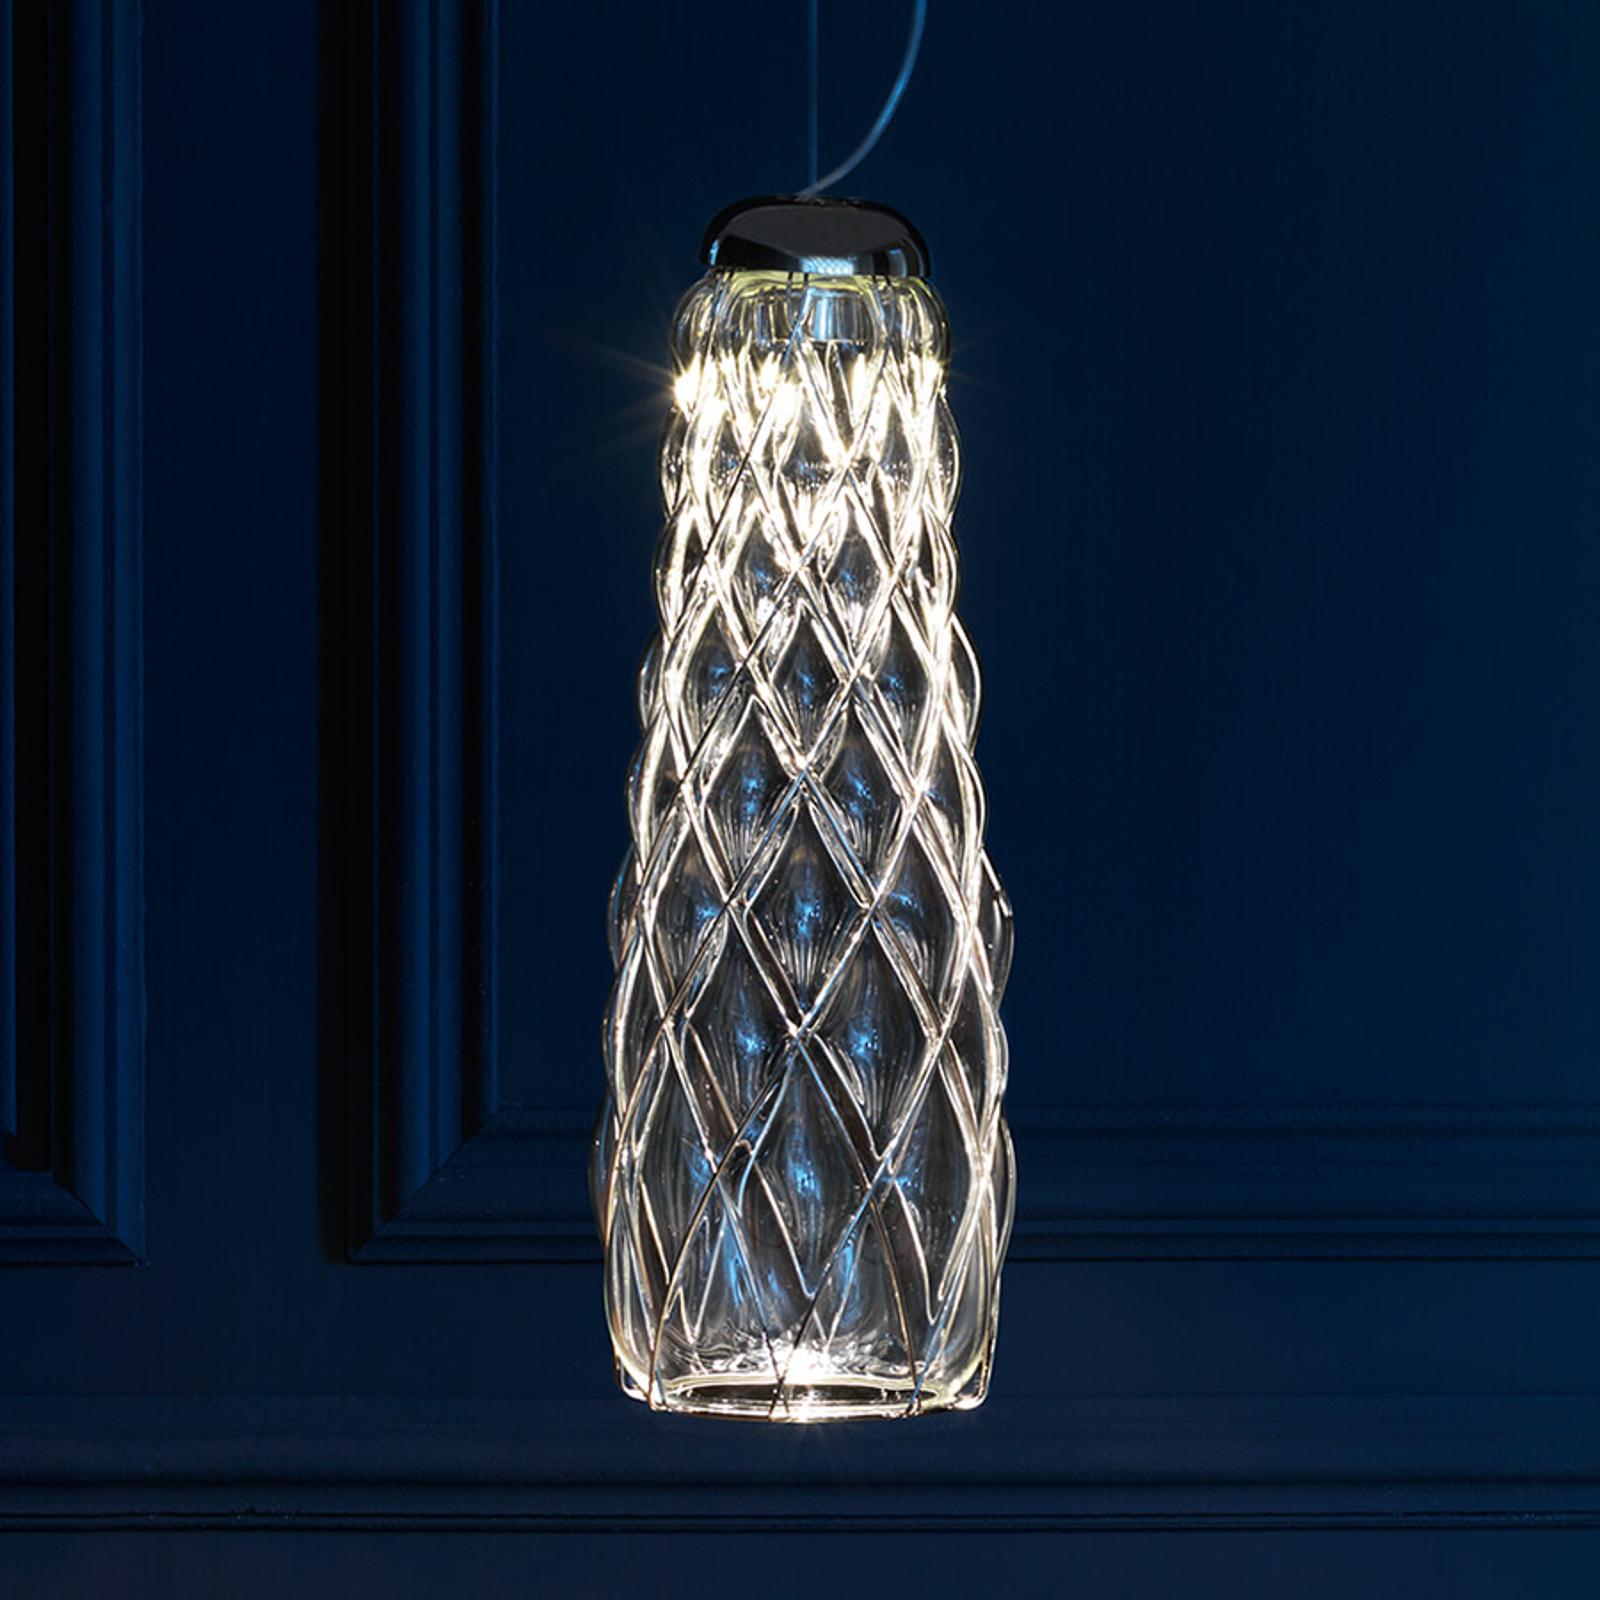 Lampa wisząca LED Pinecone, przezroczysta